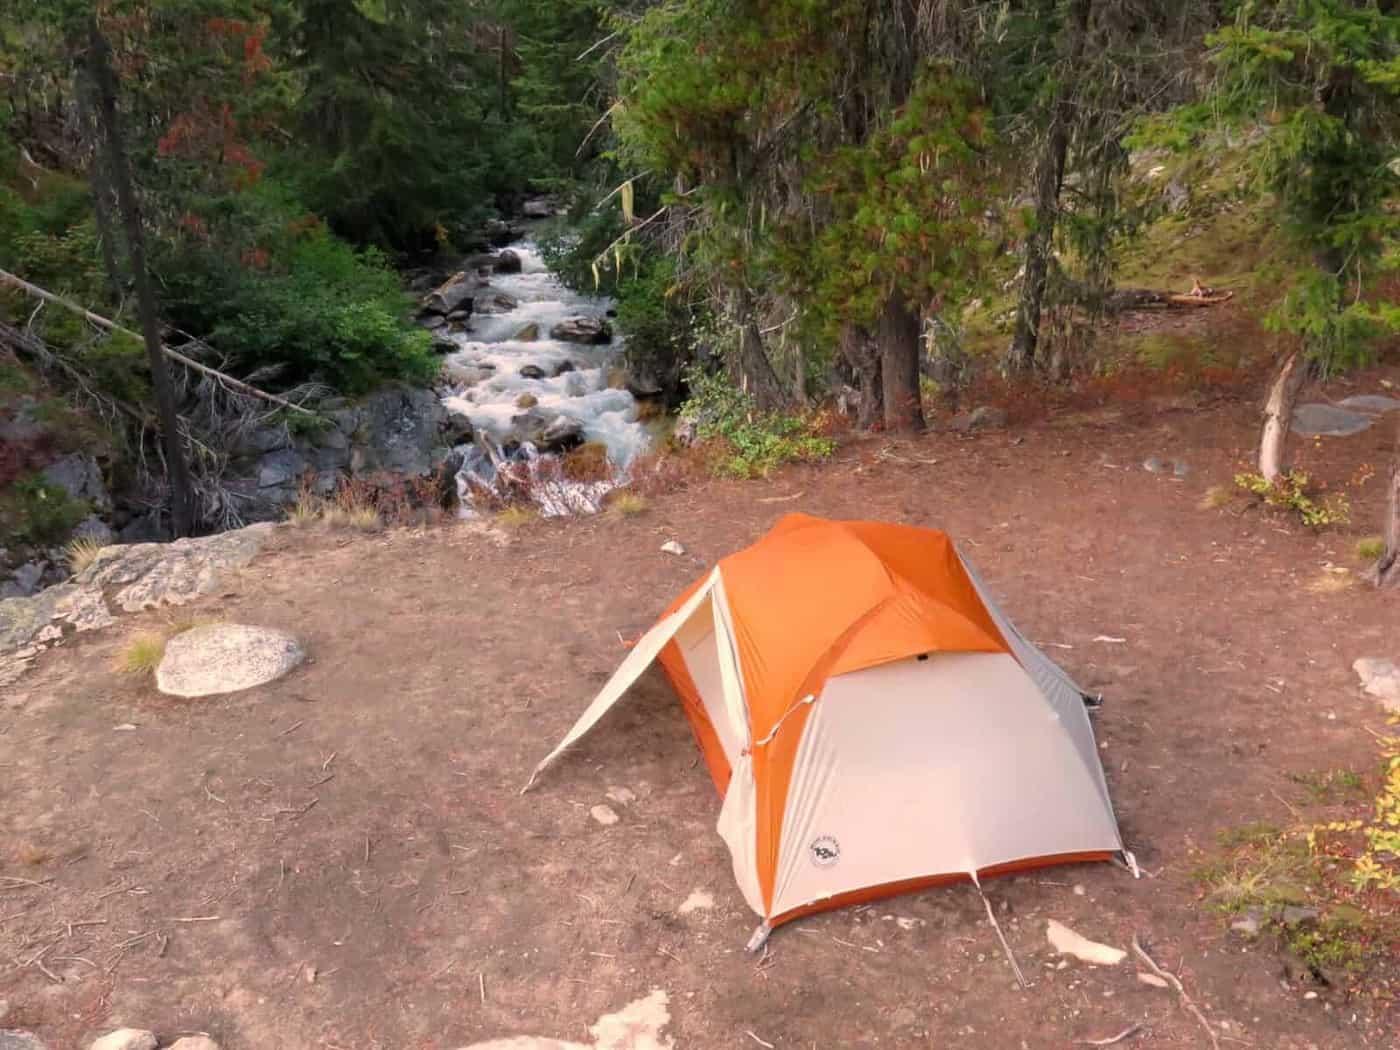 Stehiken camping